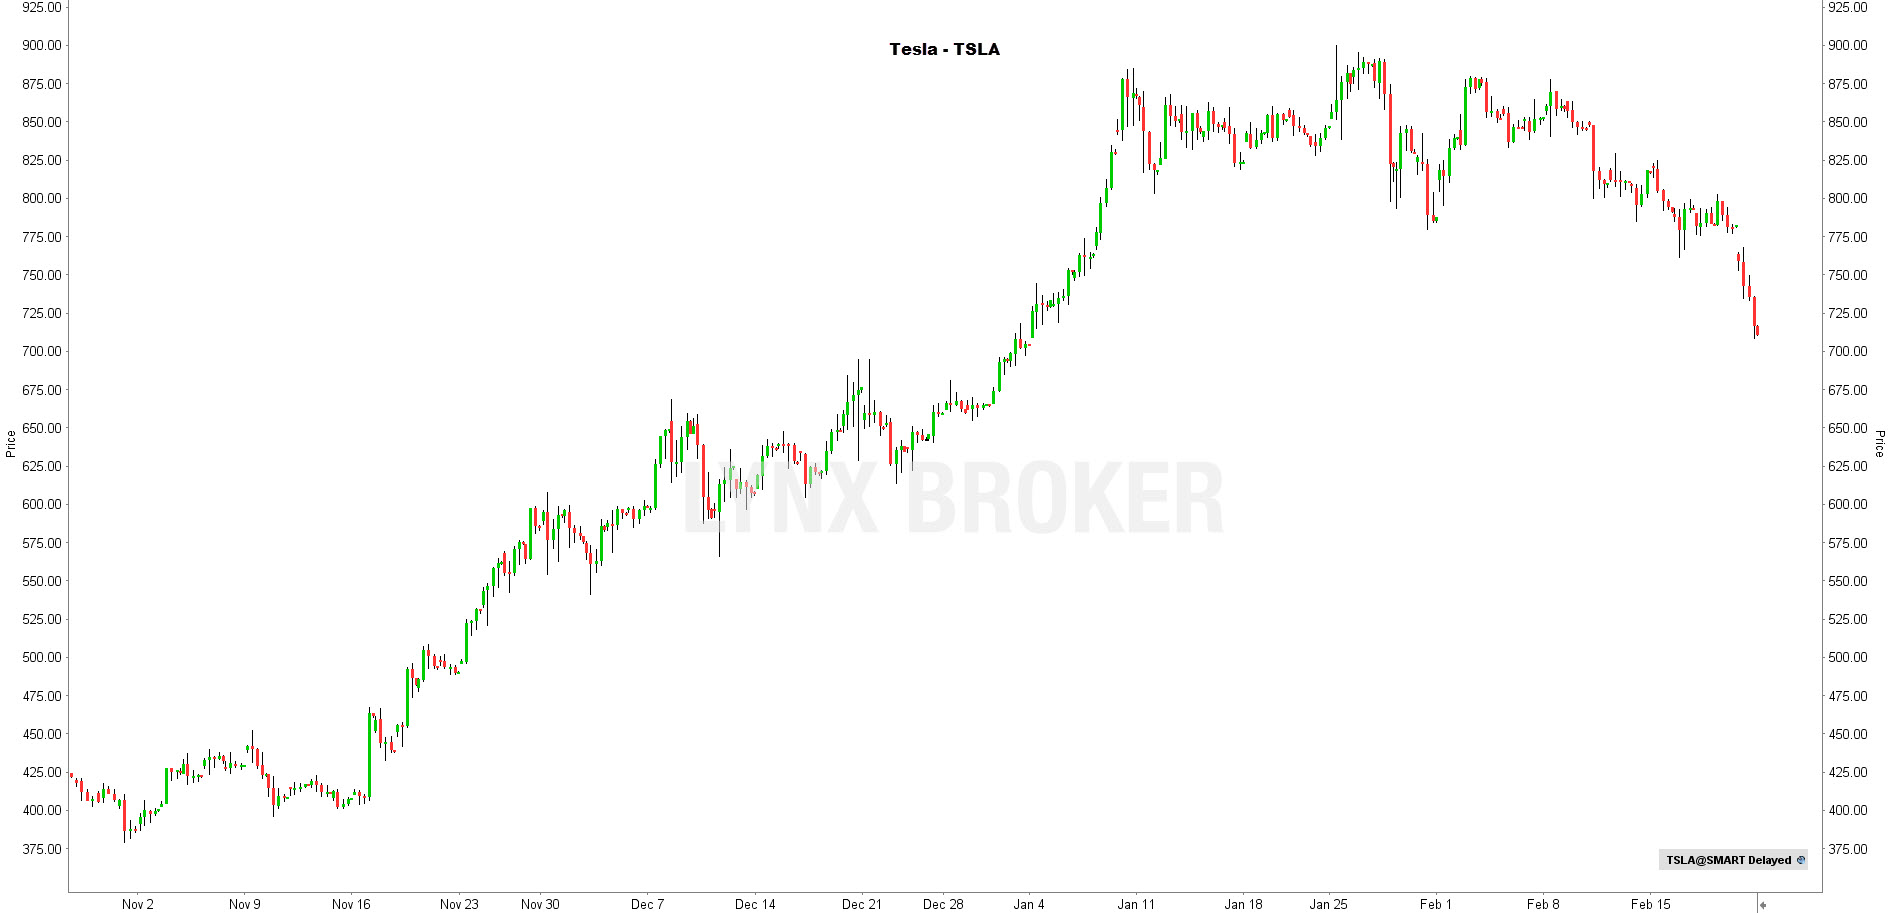 la chronique lynx broker 230221 - graphique Tesla